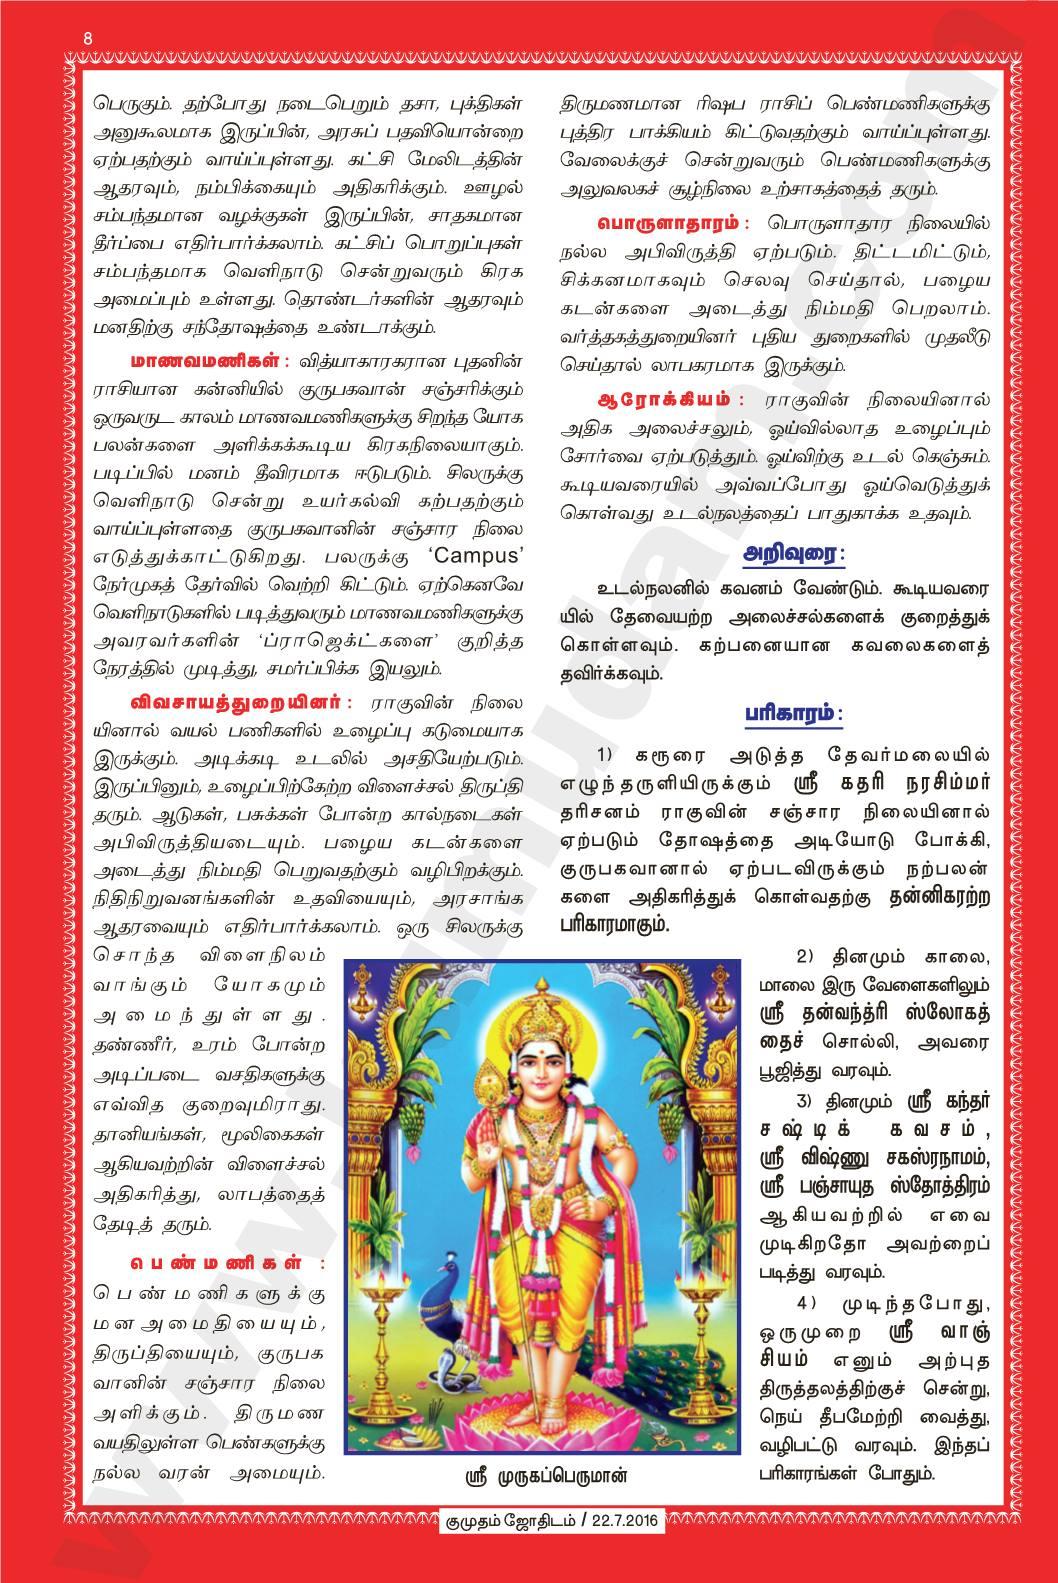 2016 Gurupeyarchi Palan and Pariharam from Kumudam Jothidam Tamilmagazine